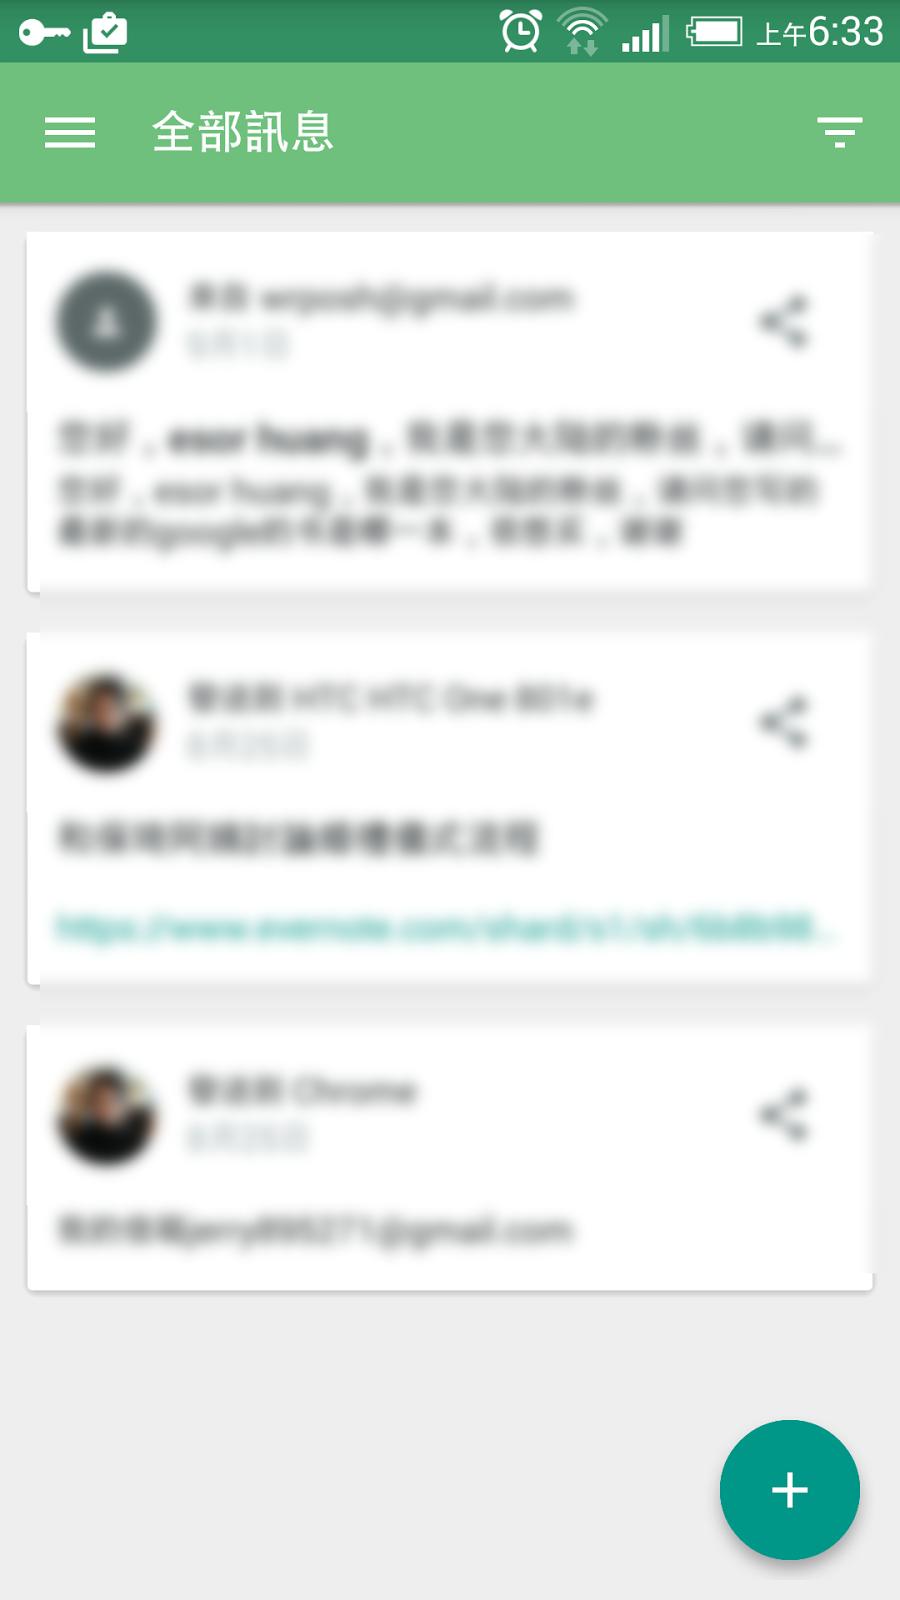 改變行動工作!電腦玩物 2014 最佳 Android App 推薦 Pushbullet%2BPC%2BMac%2BAndroid-04